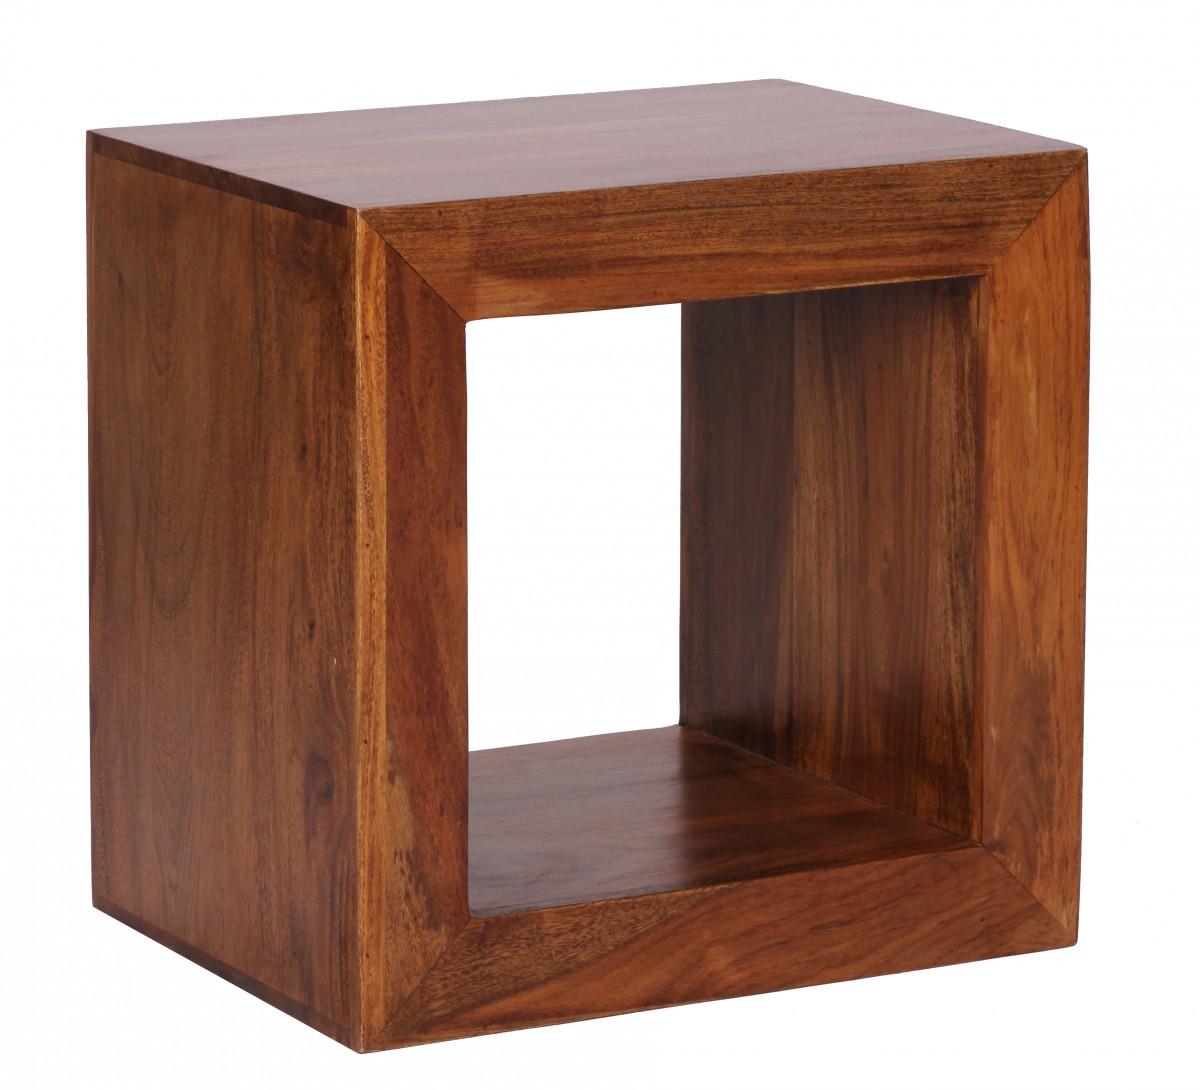 wohnling standregal massivholz sheesham 44cm hoch cube. Black Bedroom Furniture Sets. Home Design Ideas